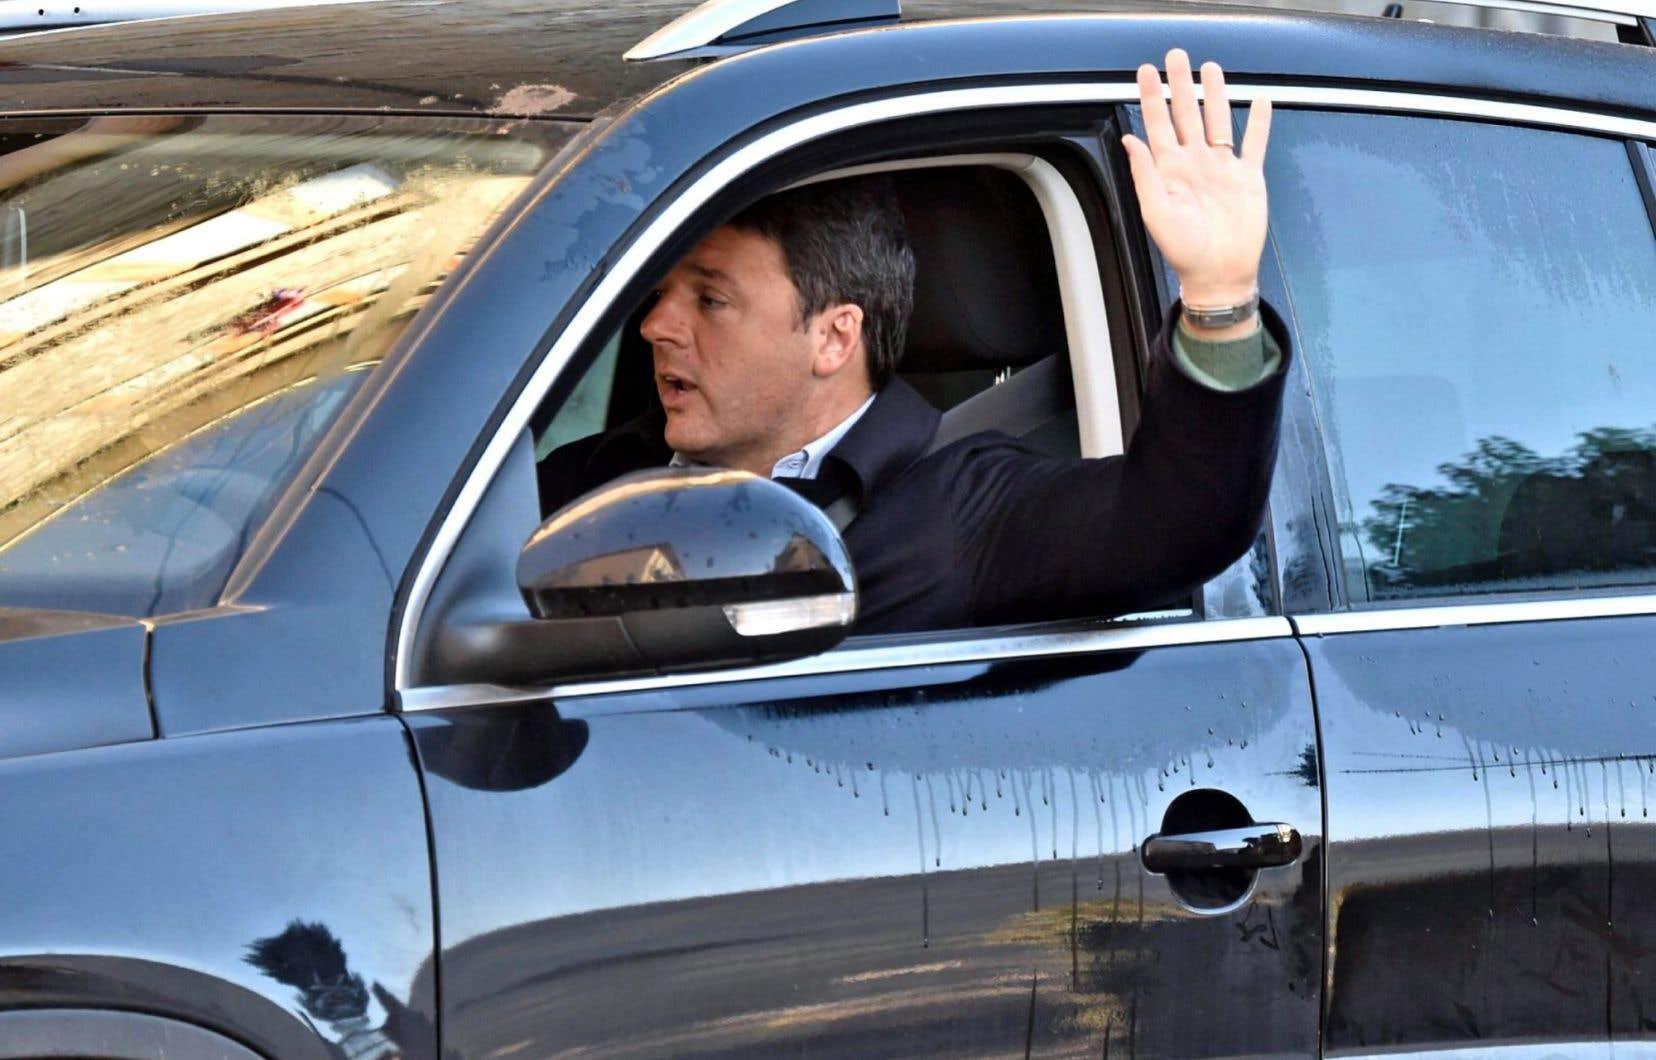 Matteo Renzi a indiqué mercredi devant la direction de son parti vouloir prendre un peu le large et rentrer en Toscane, où vit sa famille.